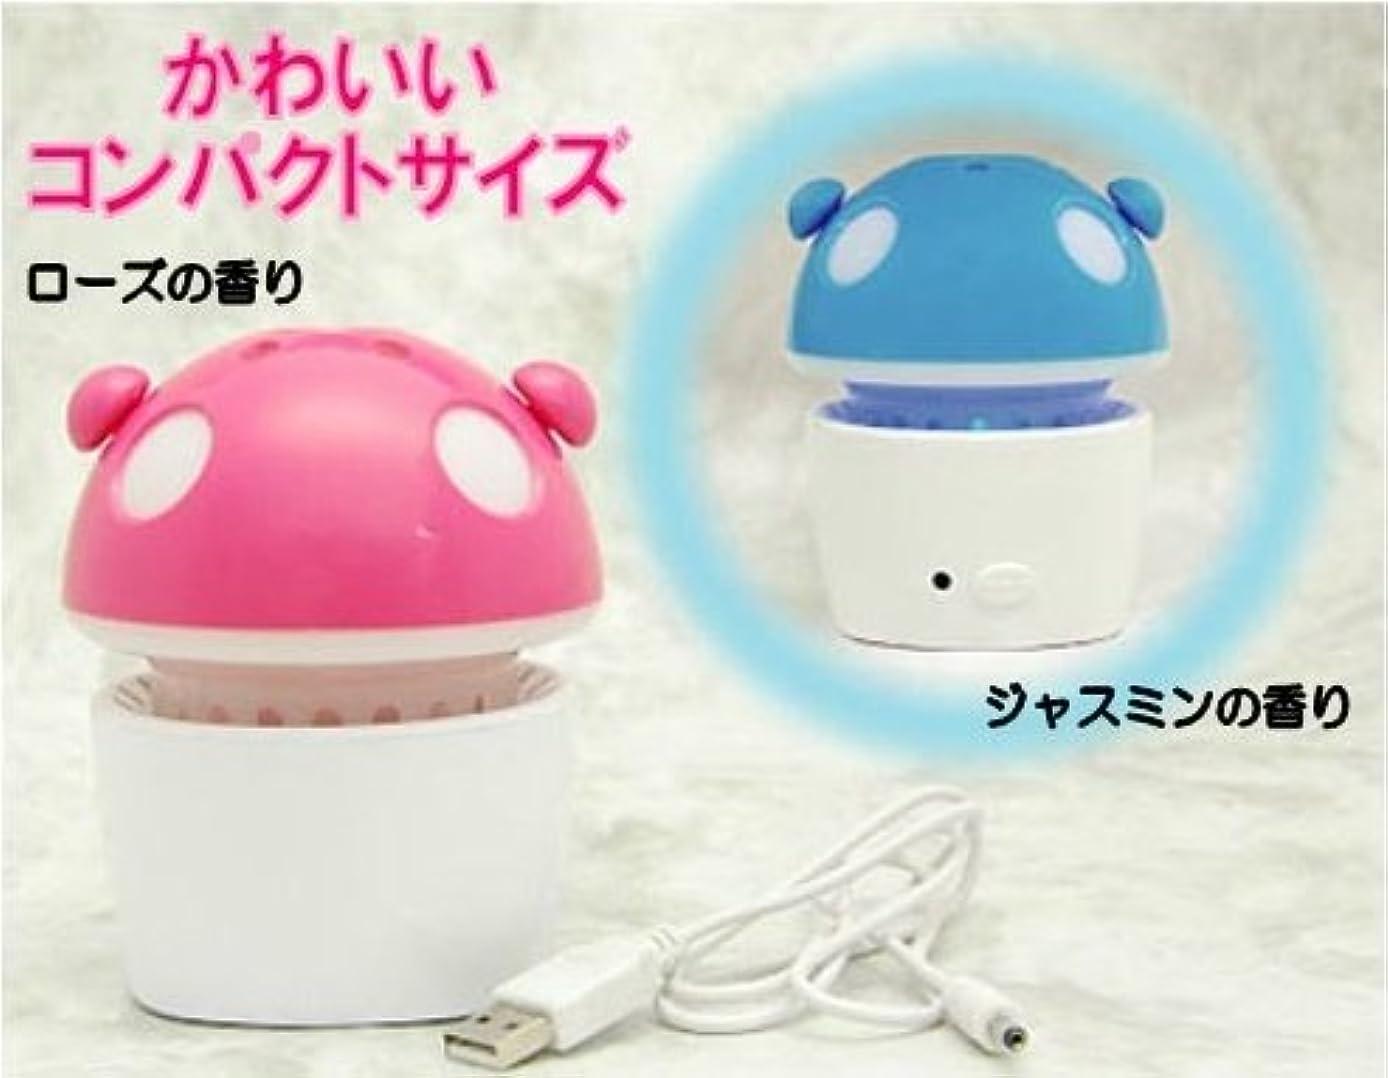 バーガーハンディカーペットアロマランプ「あろまっしゅ」ピンク(ローズの香り)